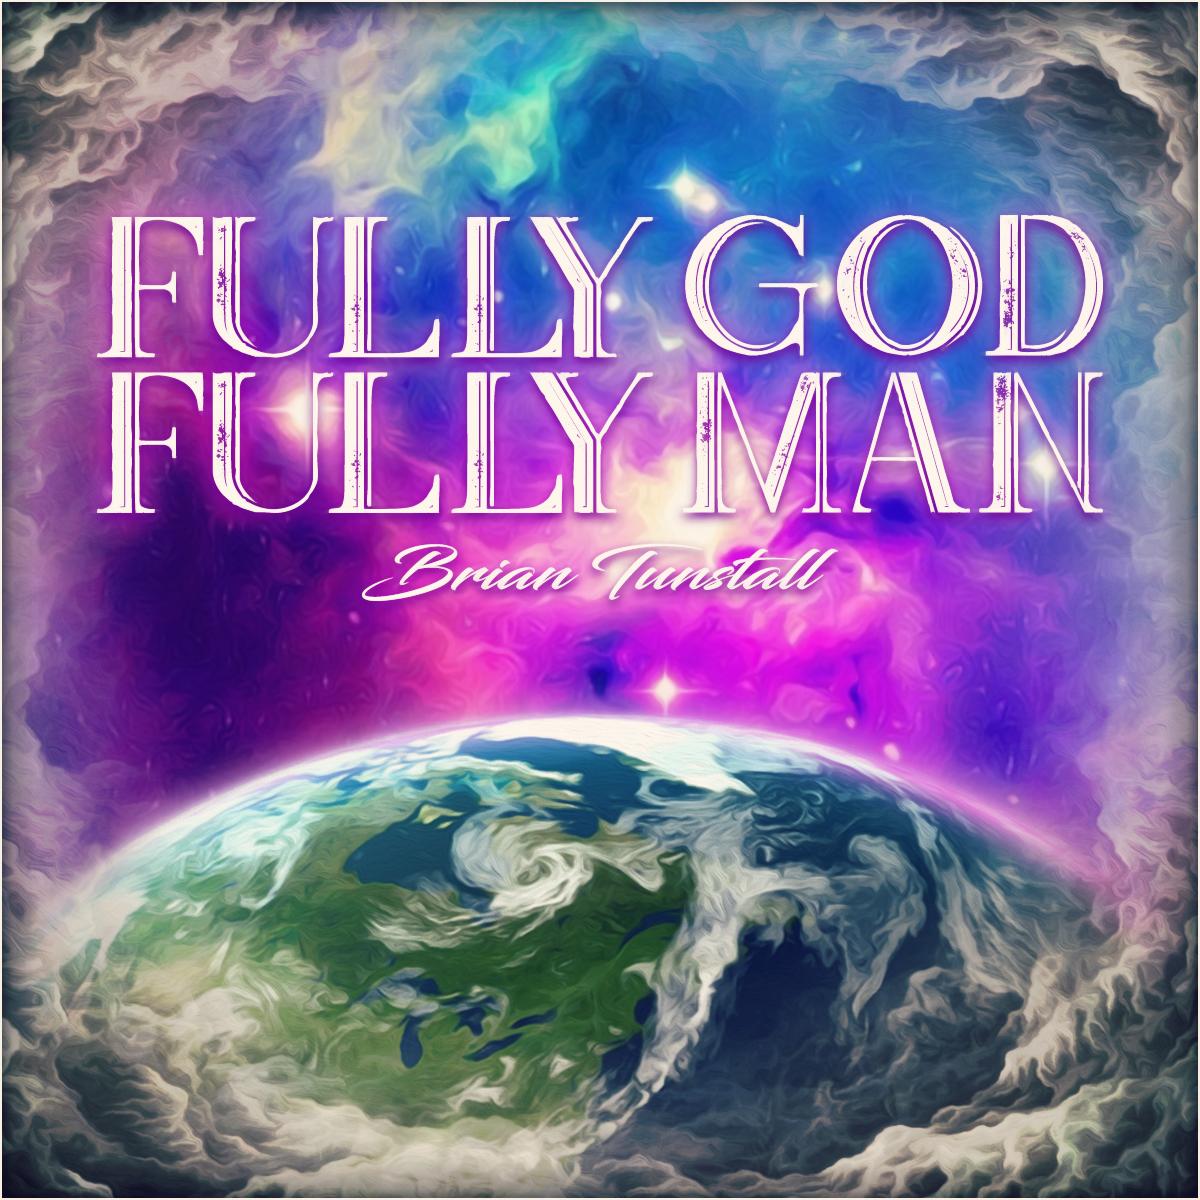 Fully God Fully Man by Brian Tunstal